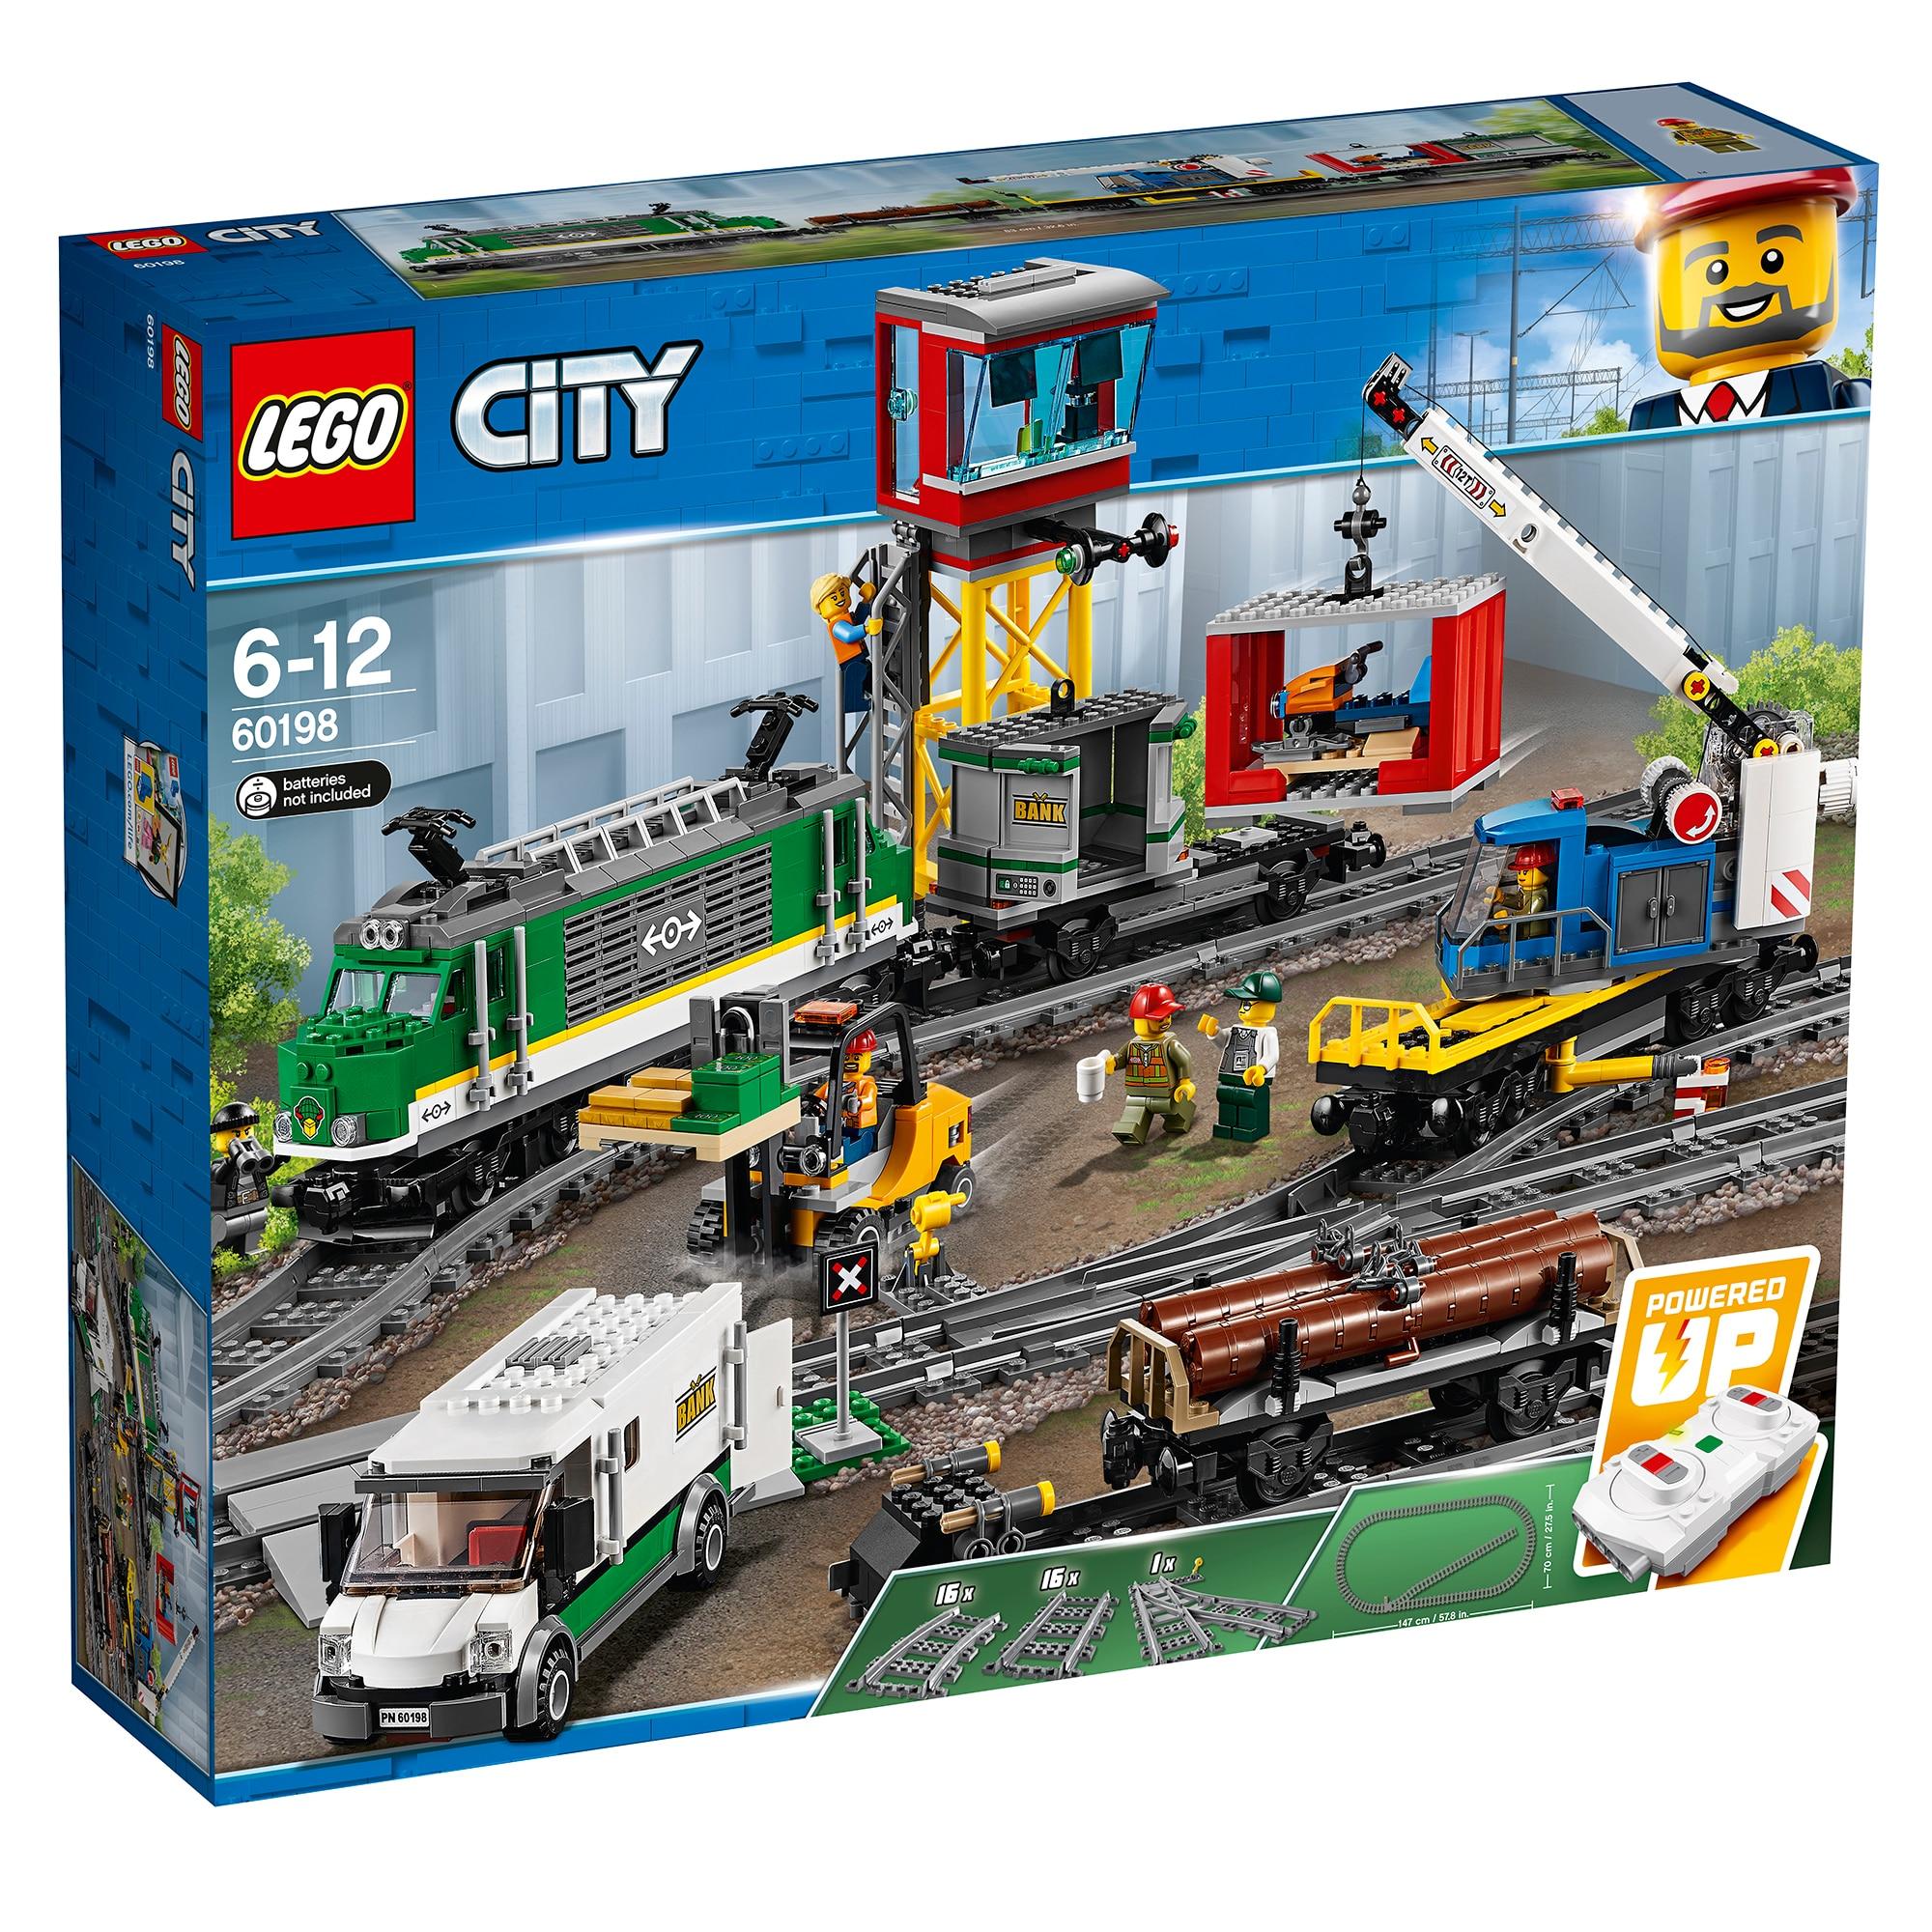 Fotografie LEGO City - Tren marfar 60198, 1226 piese